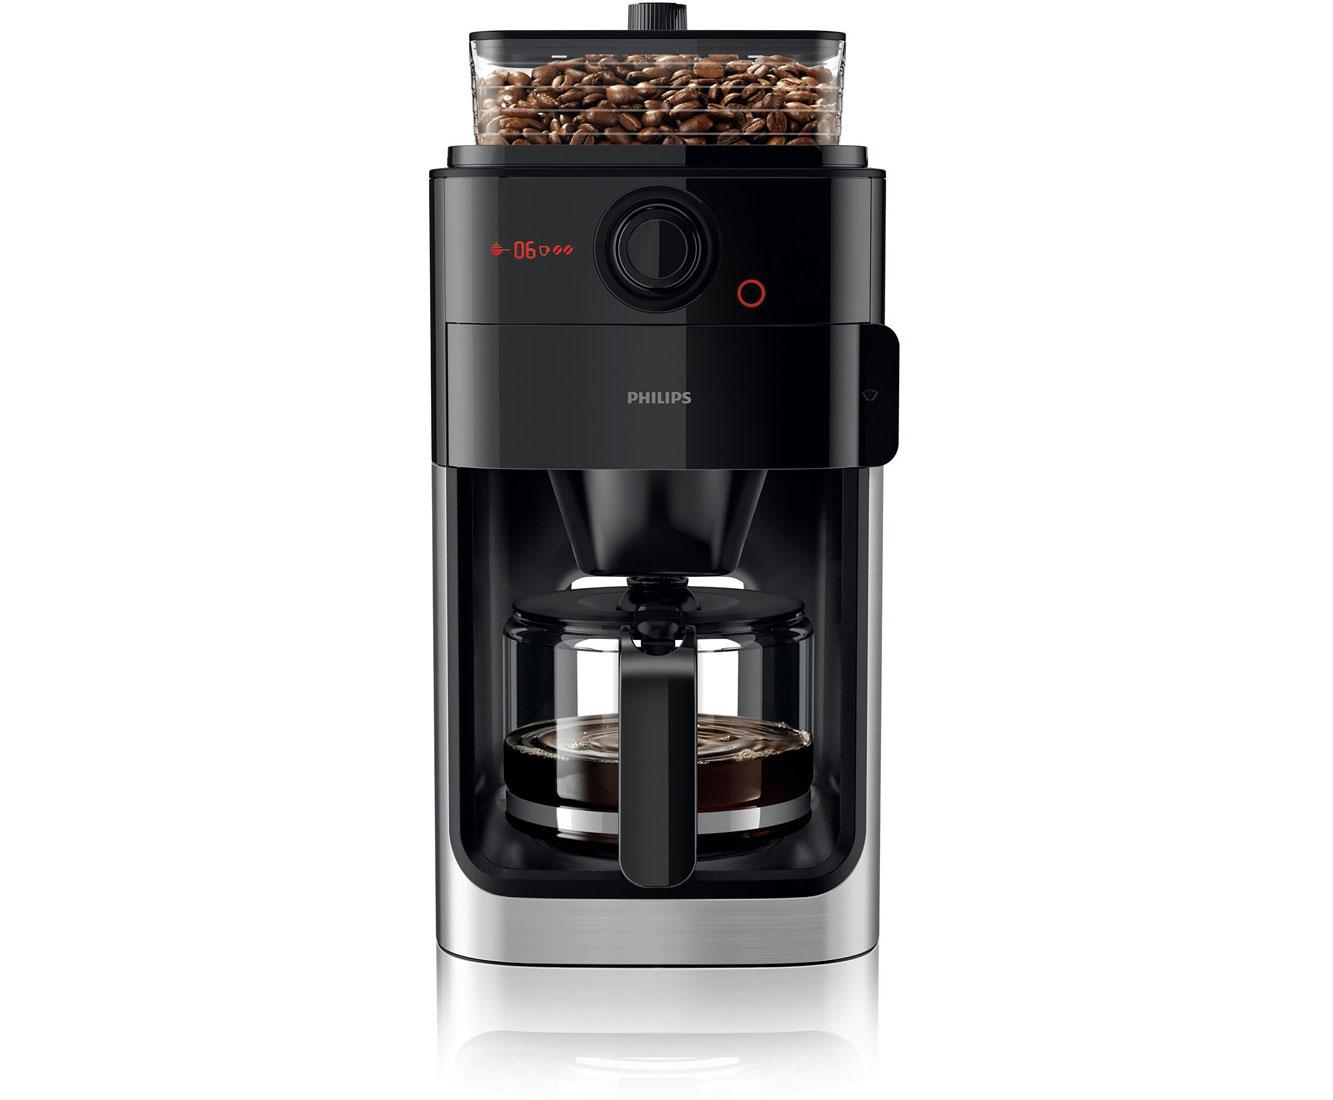 Rabatt-Preisvergleich.de - Haushalt > Kaffeemaschinen ...